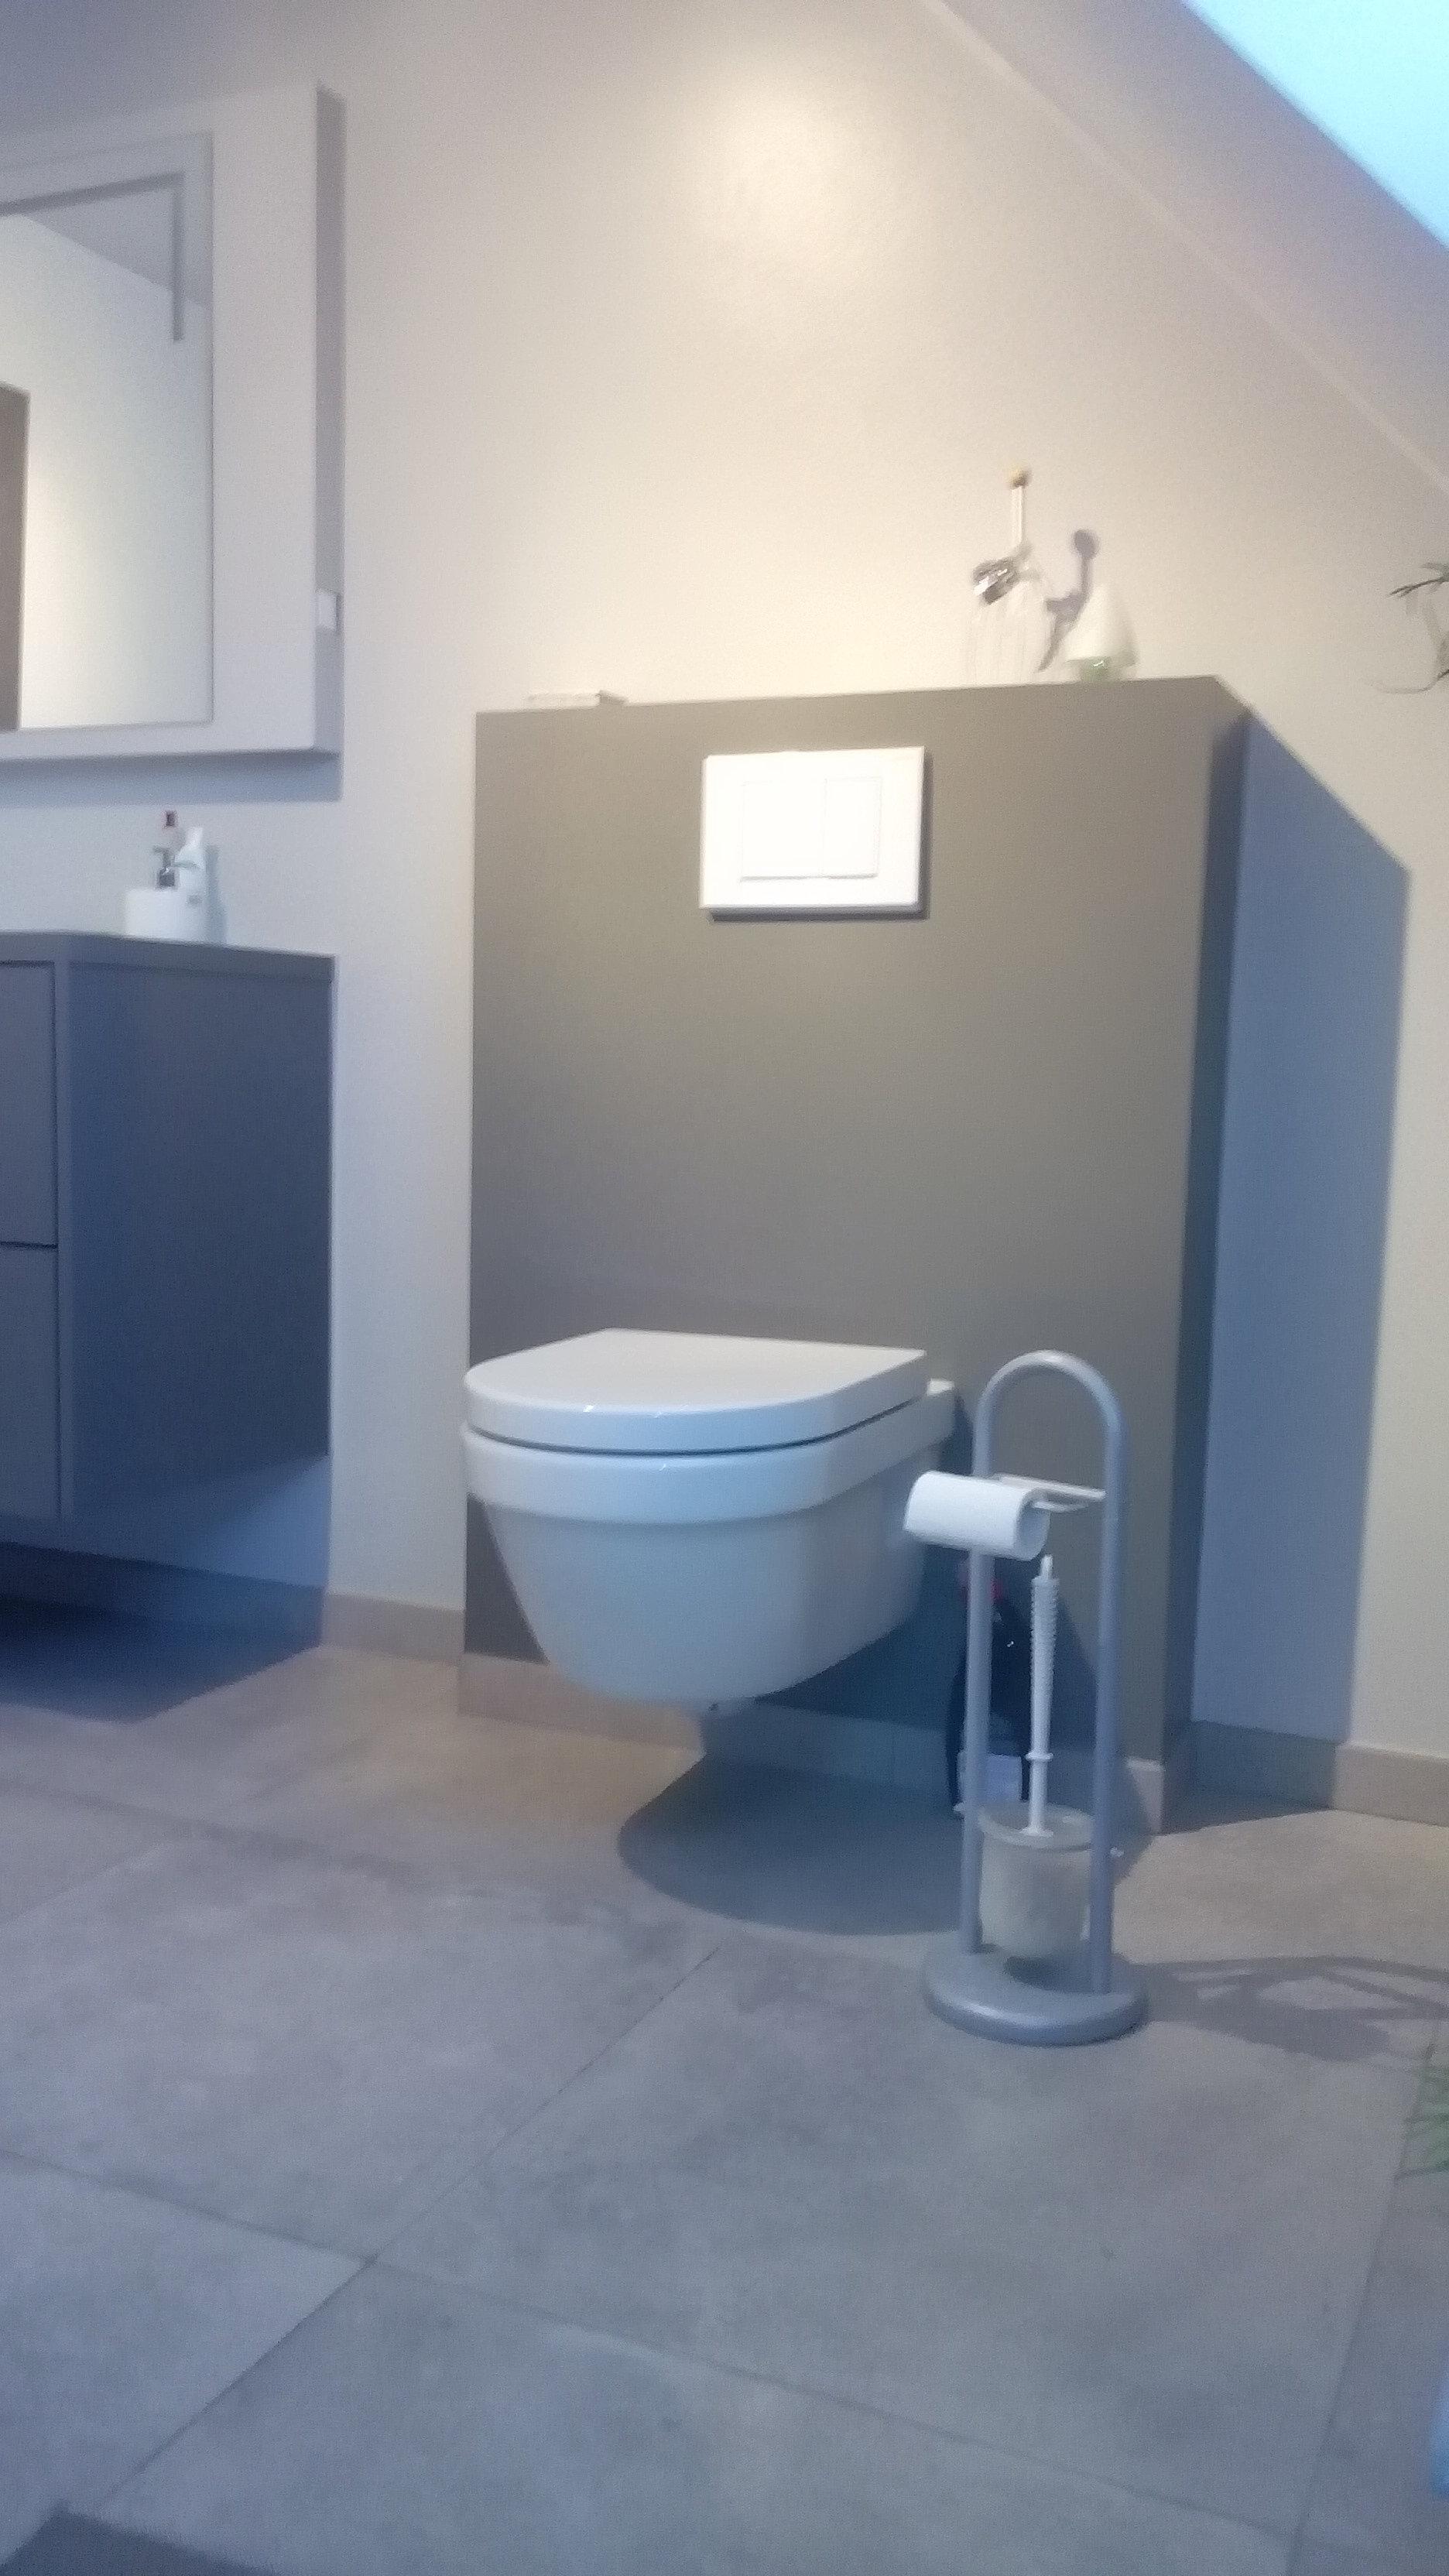 ostijn - badkamerrenovatie - verwarming - warmtepomp - airco, Badkamer